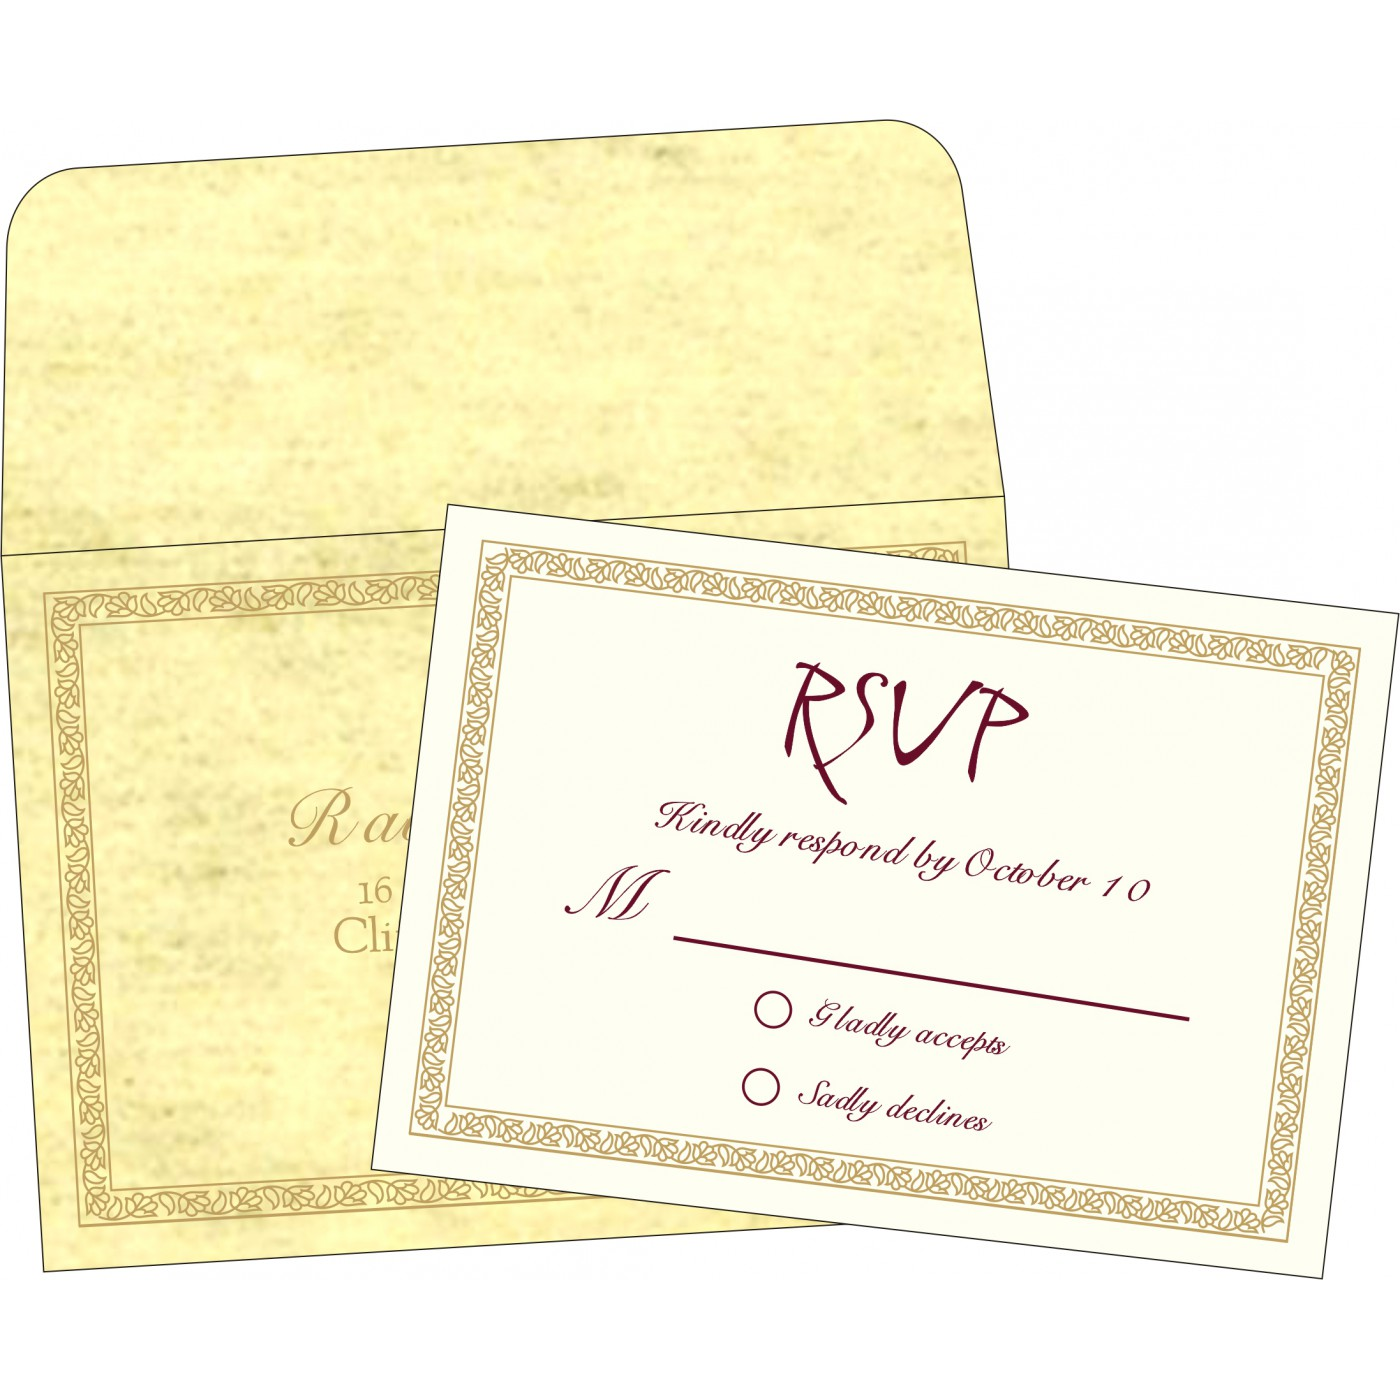 RSVP Cards : CRSVP-8211K - IndianWeddingCards